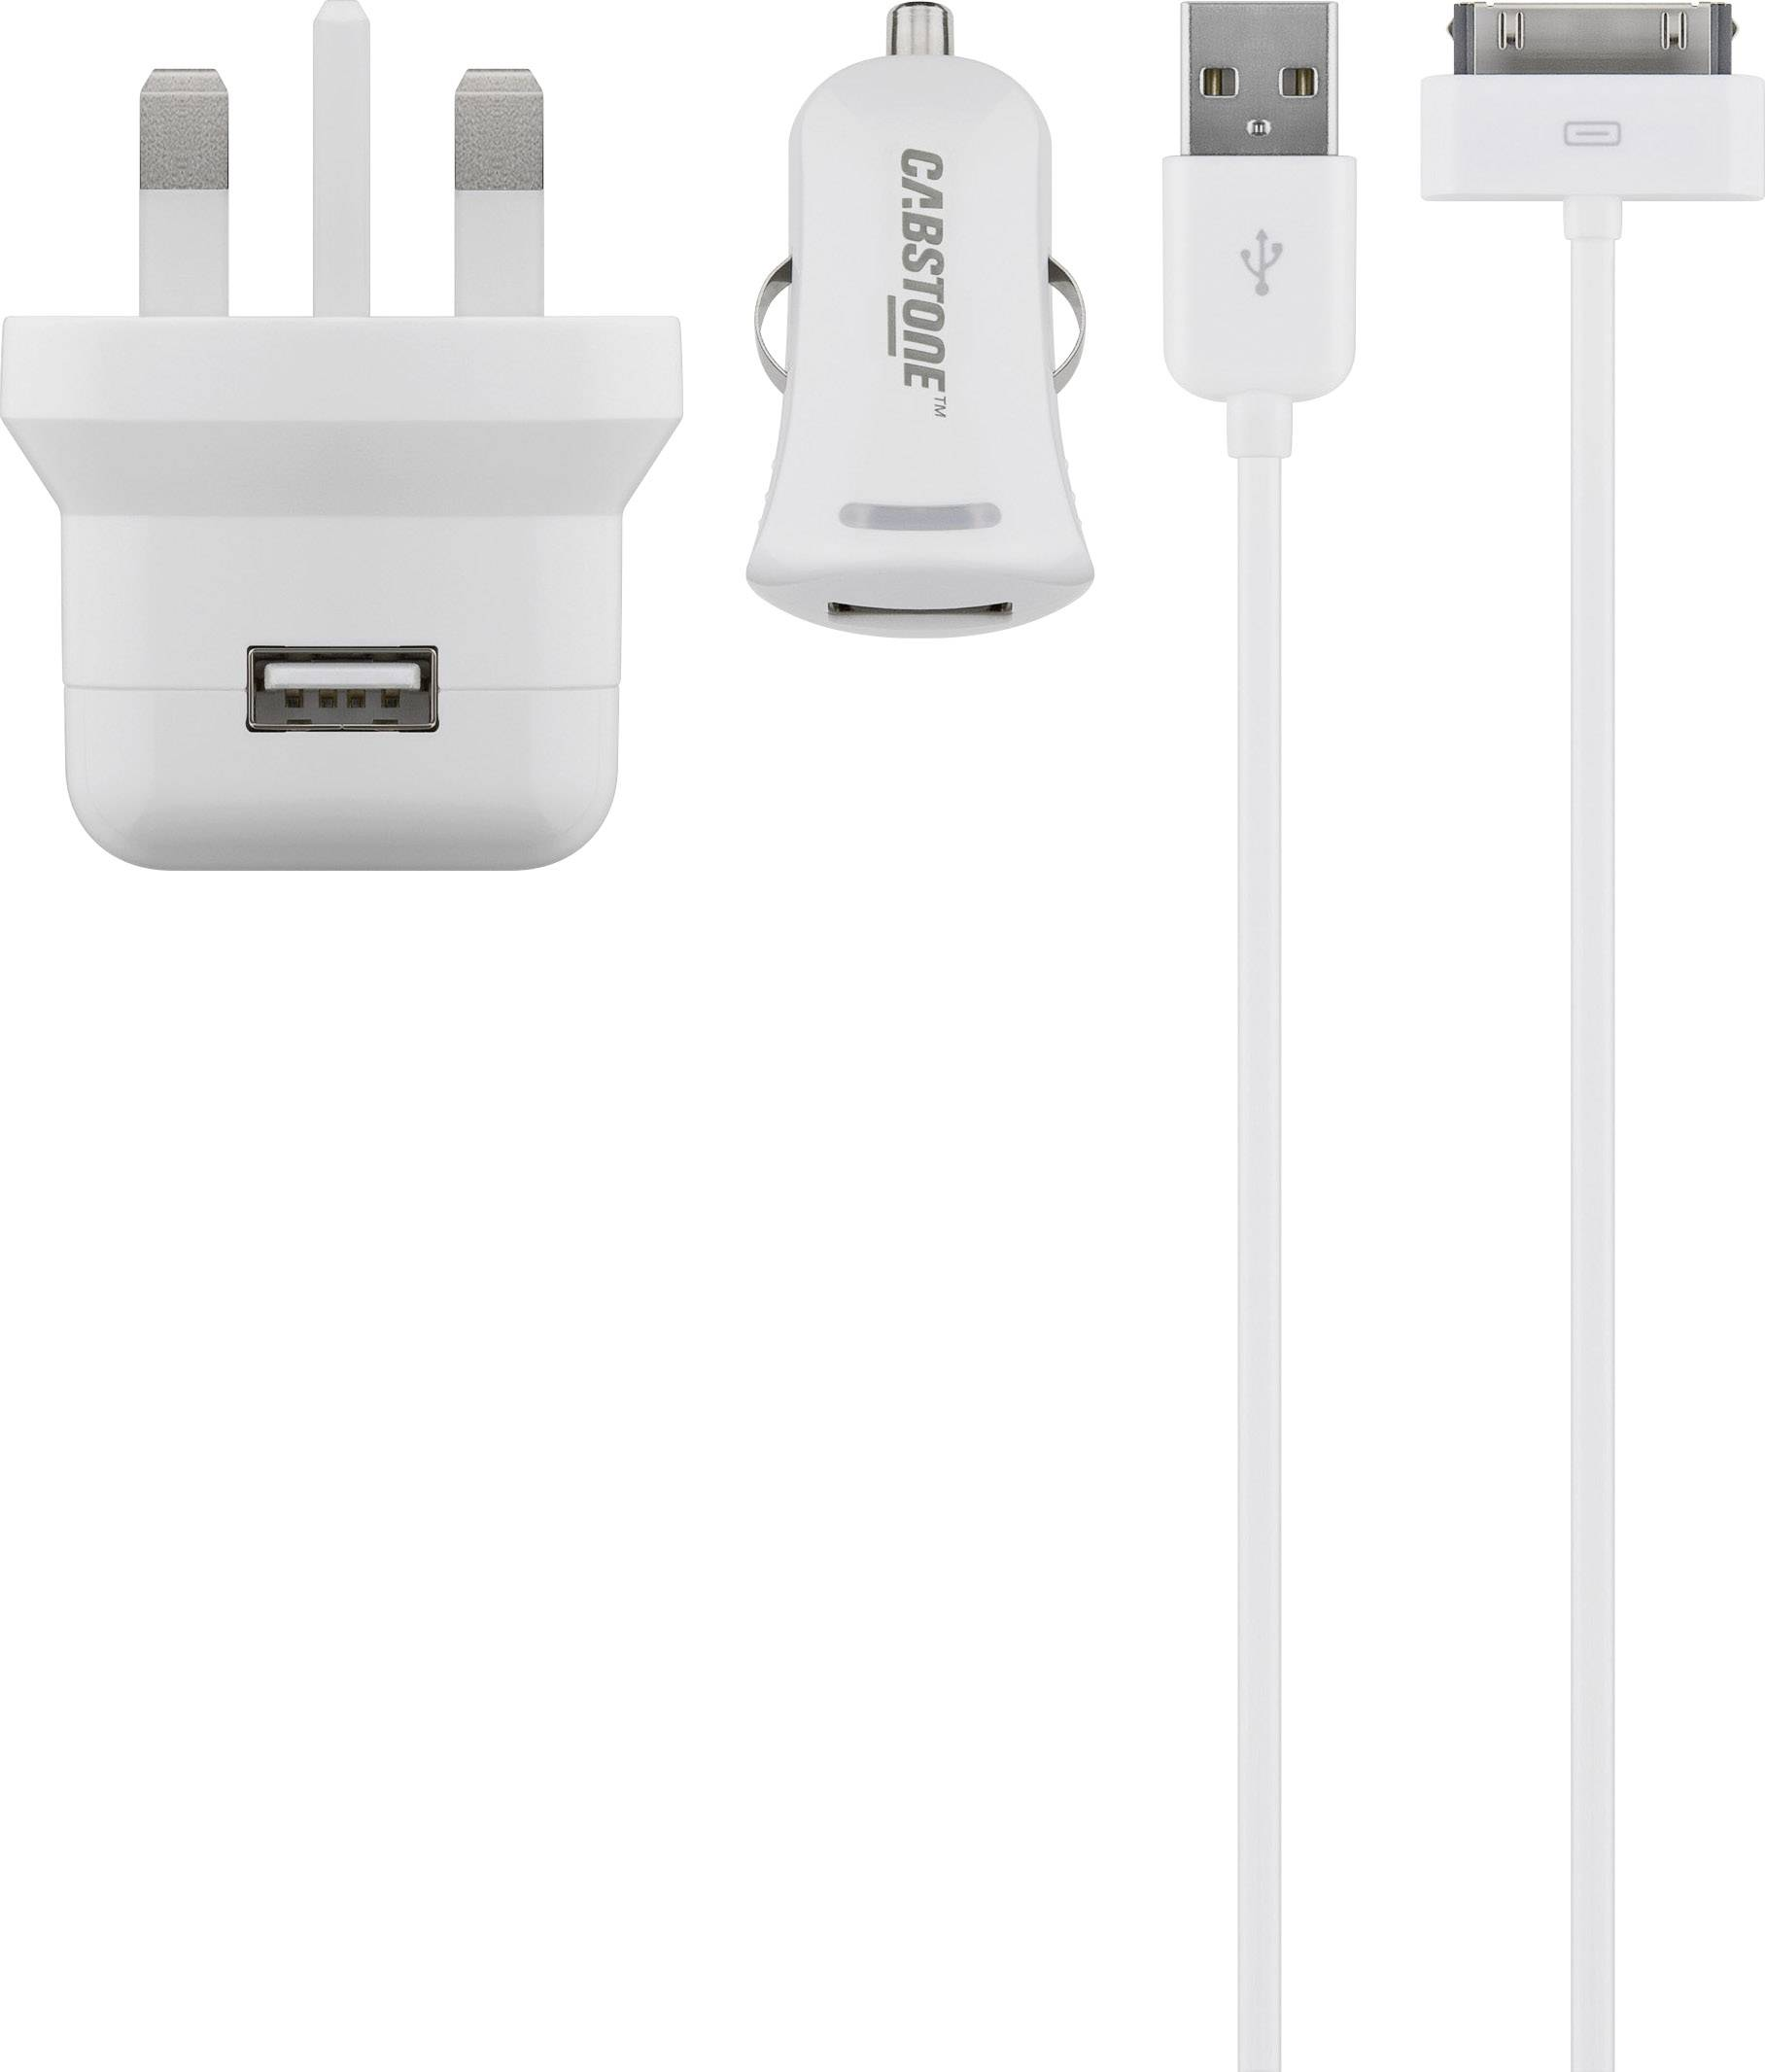 USB laddare med 2 utgångar för IphoneIpad